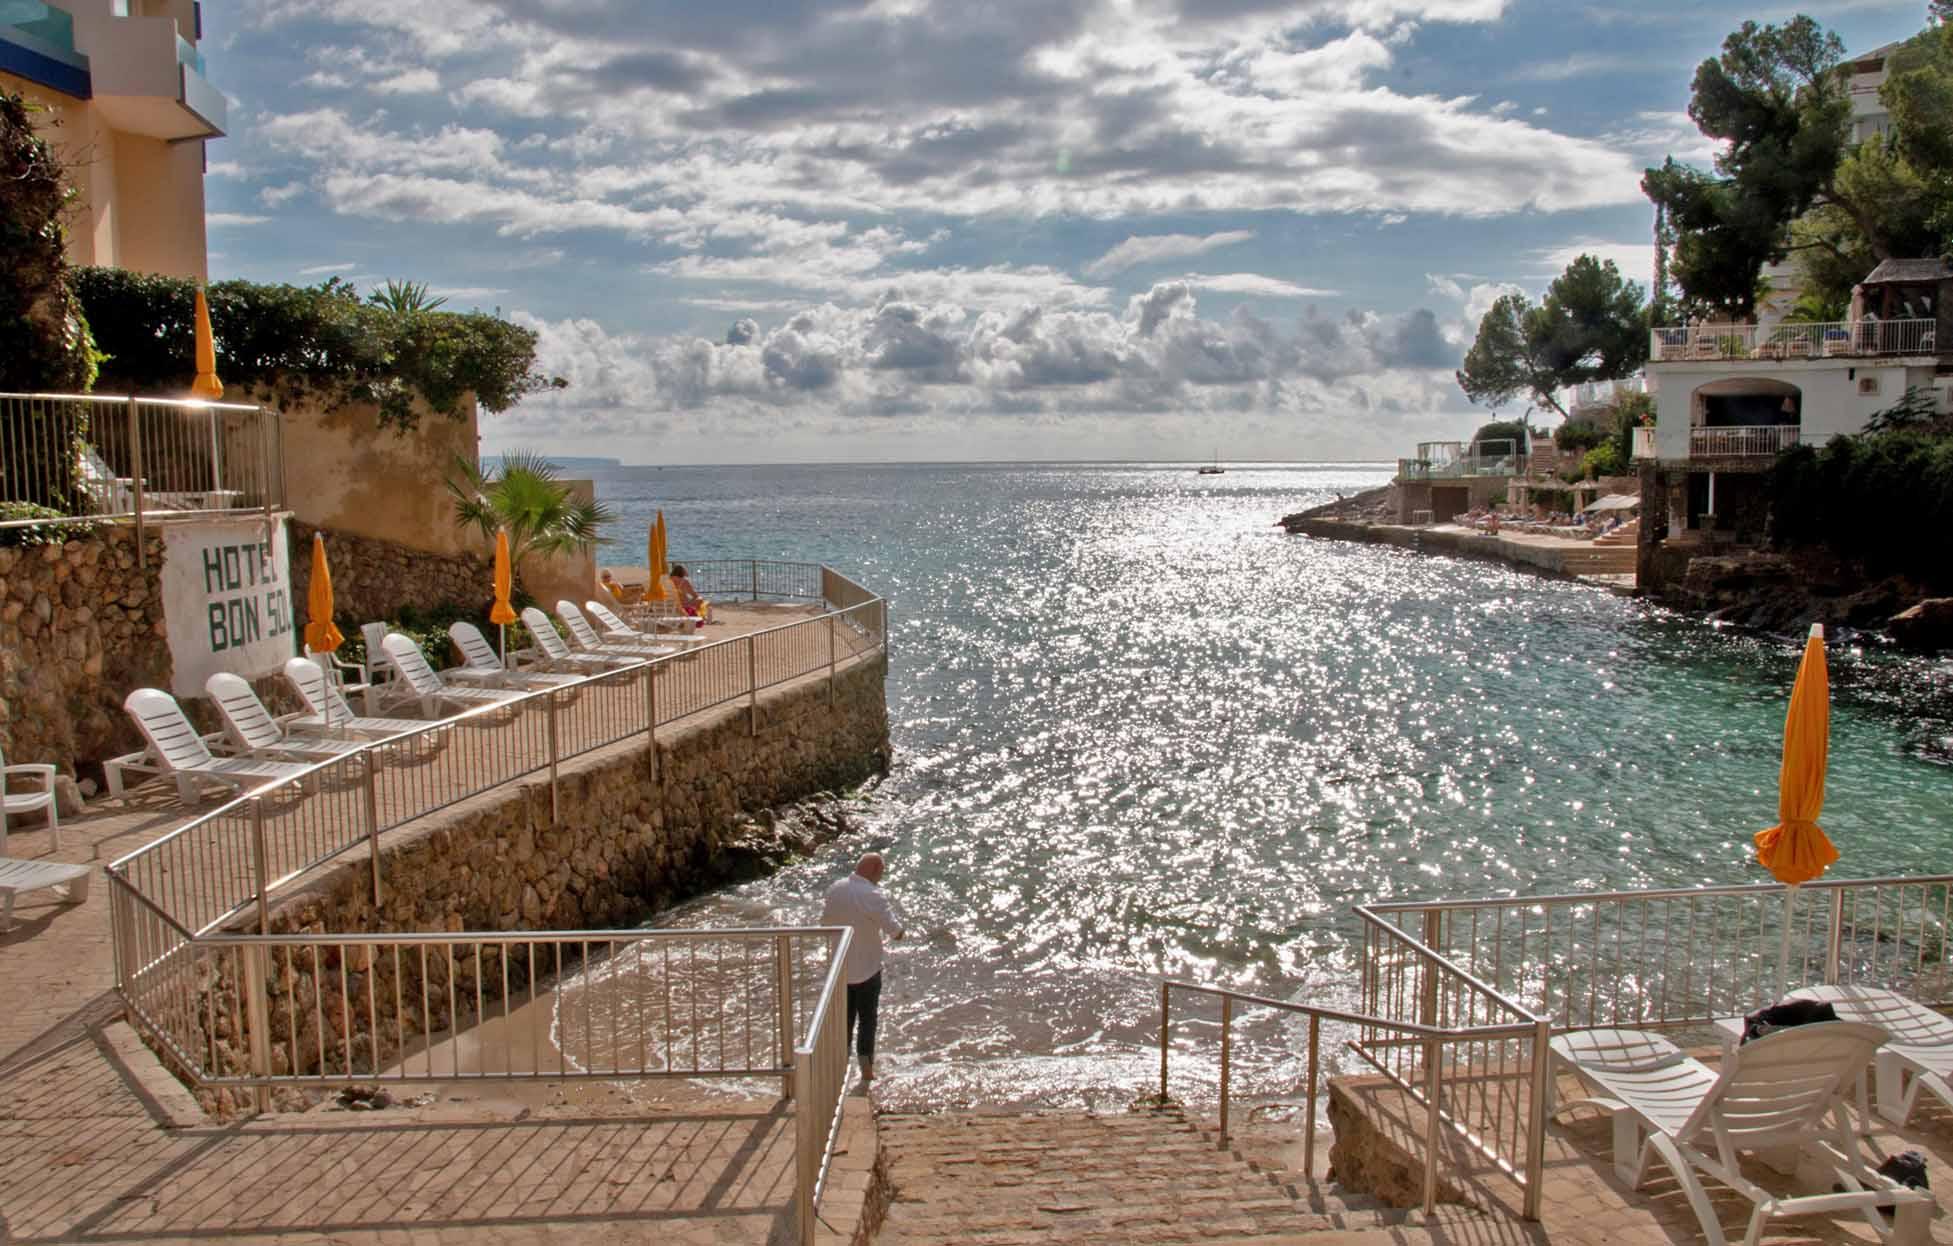 Kleiner, aber feiner Strand des Hotels Bonsol / Foto: Joshua Donath